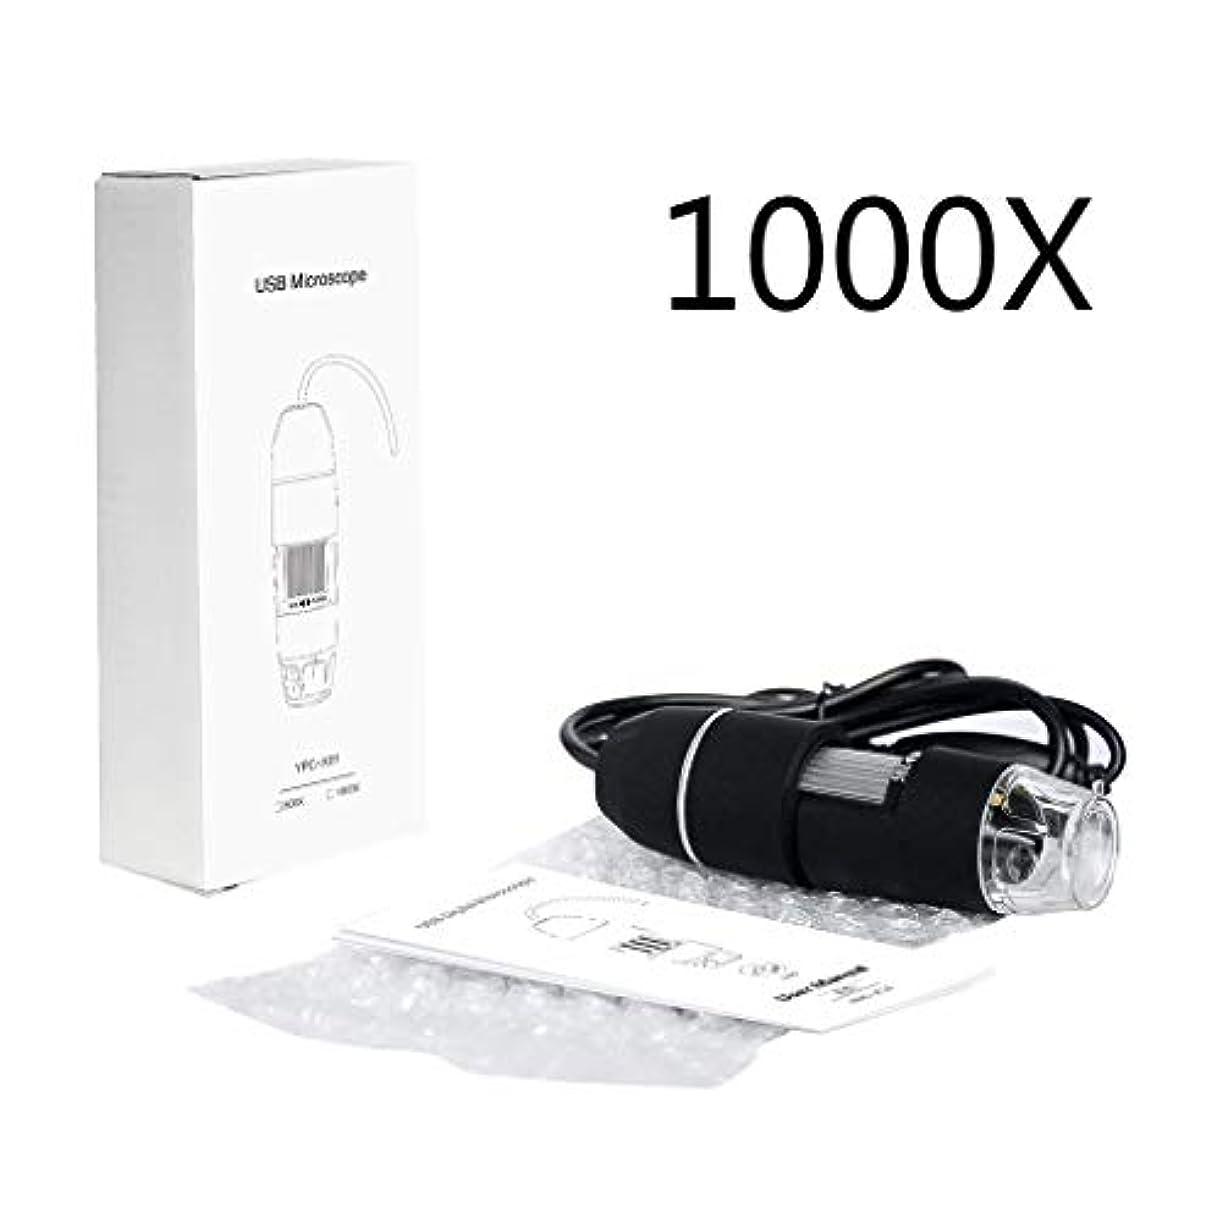 ソーシャル黙認するお嬢USBマイクロスコープ、電話の修理はんだ、皮膚検査、繊維検査、宝石検査のための8ツェッペリン、多目的拡大鏡顕微鏡、とハンドヘルド1000XデジタルUSB顕微鏡